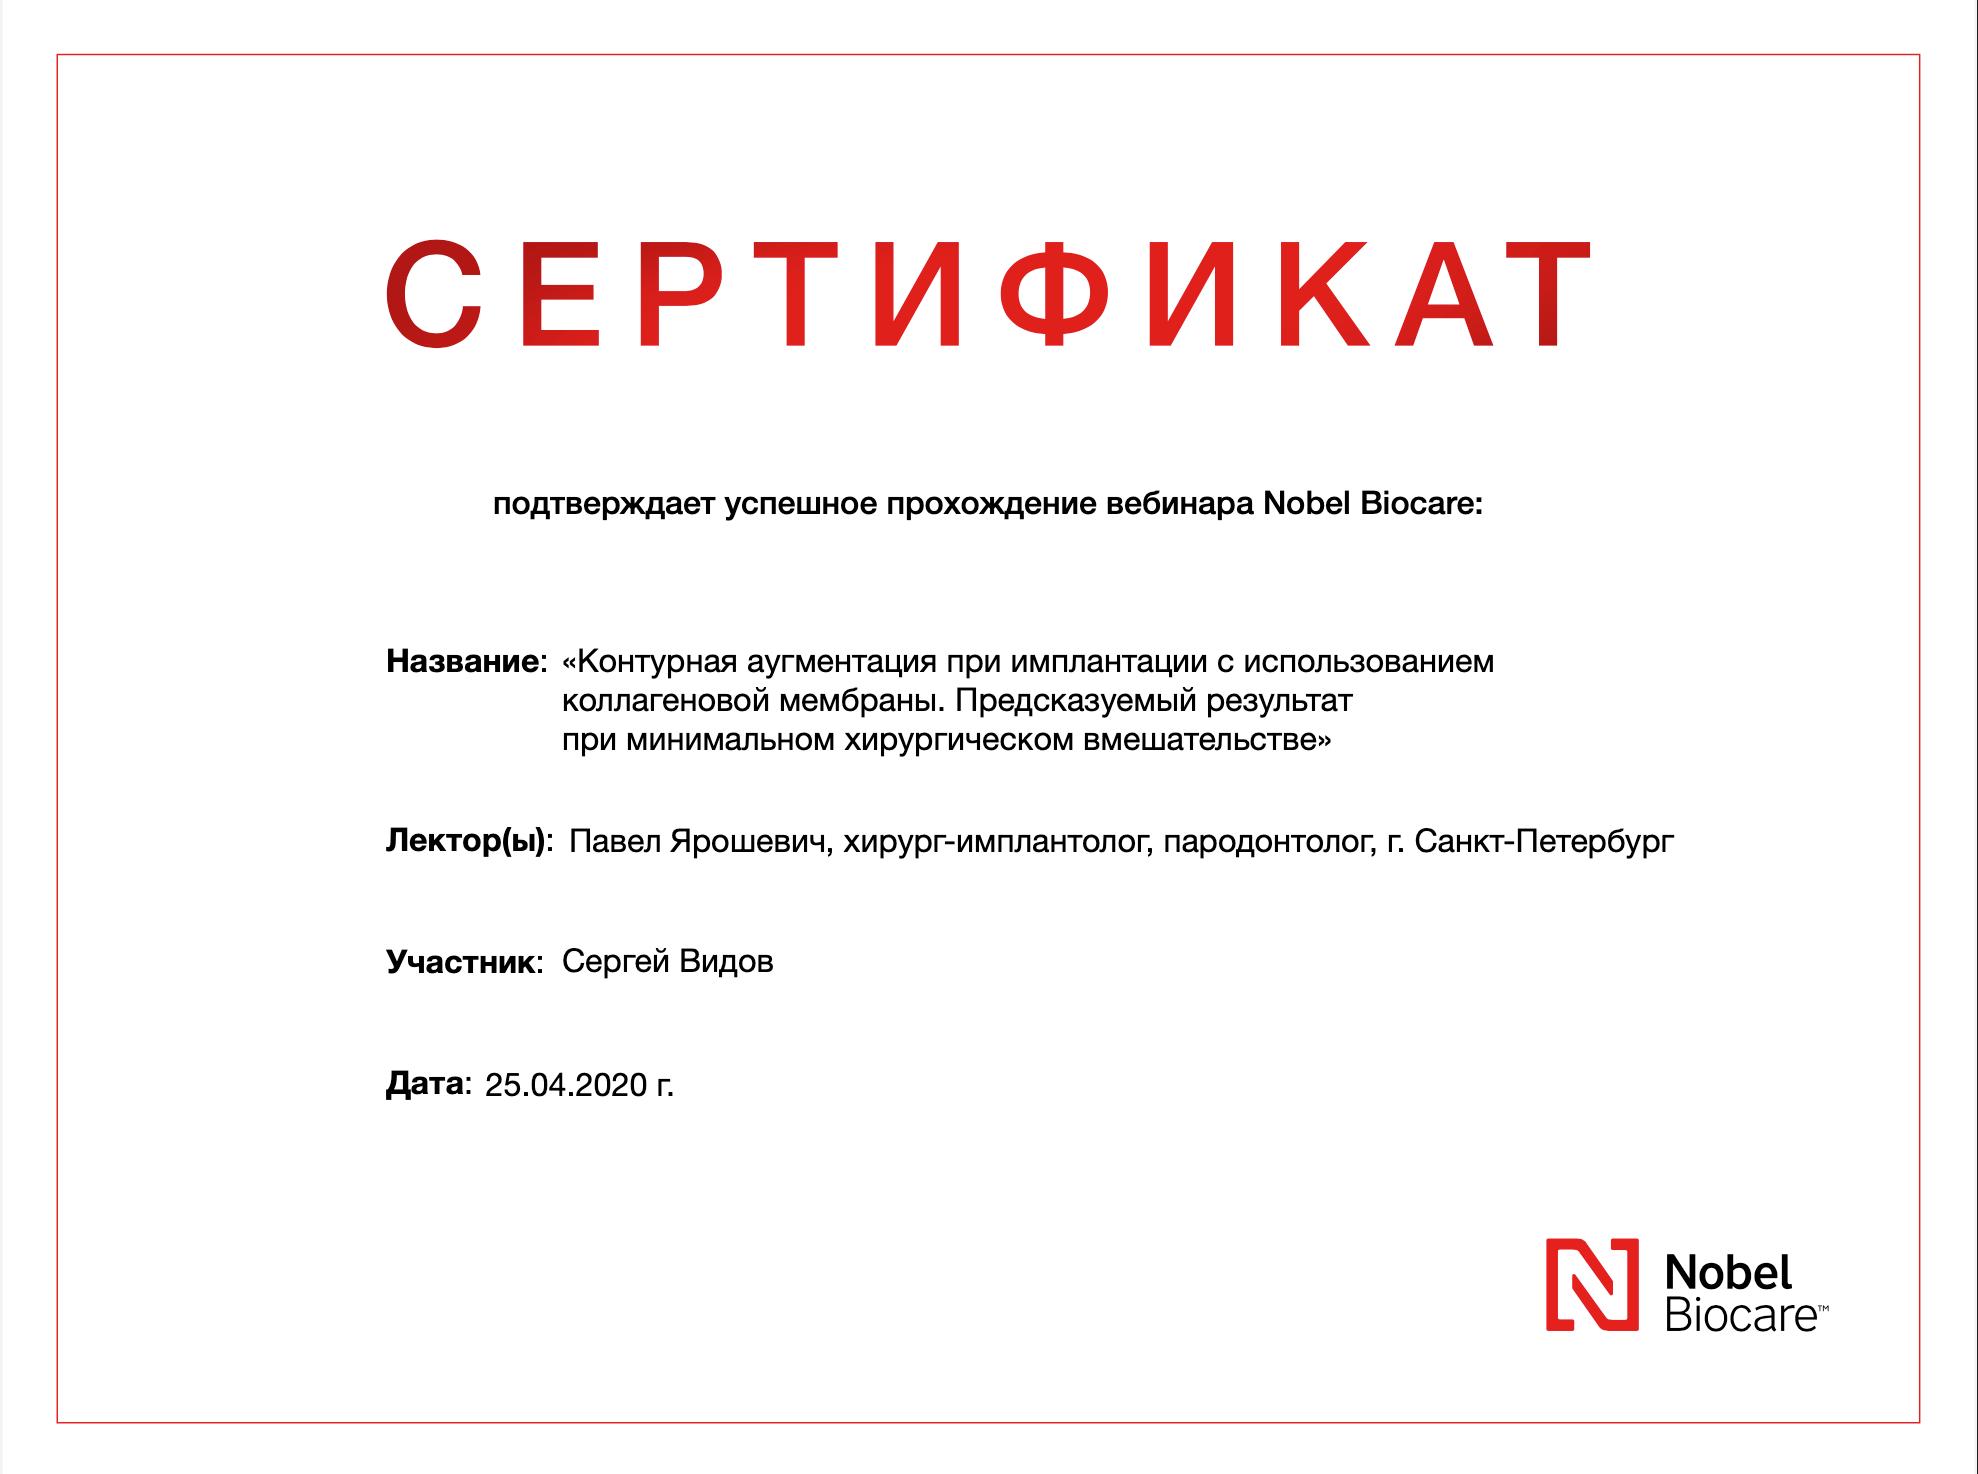 vidov-serghei-2020v